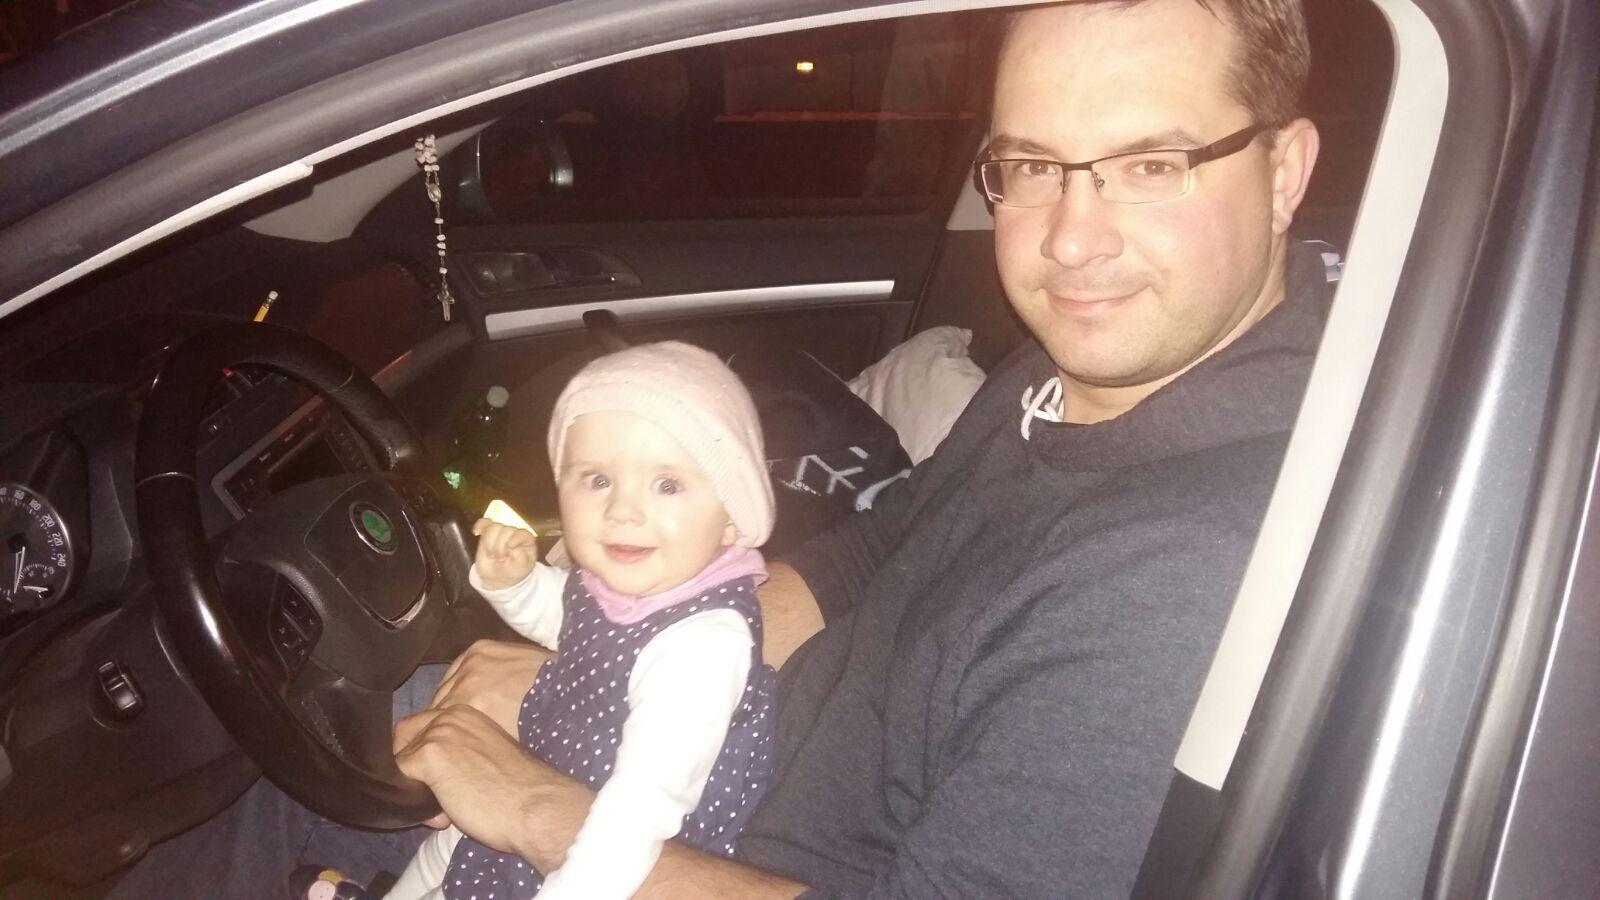 skoda-octavia-family-in-car